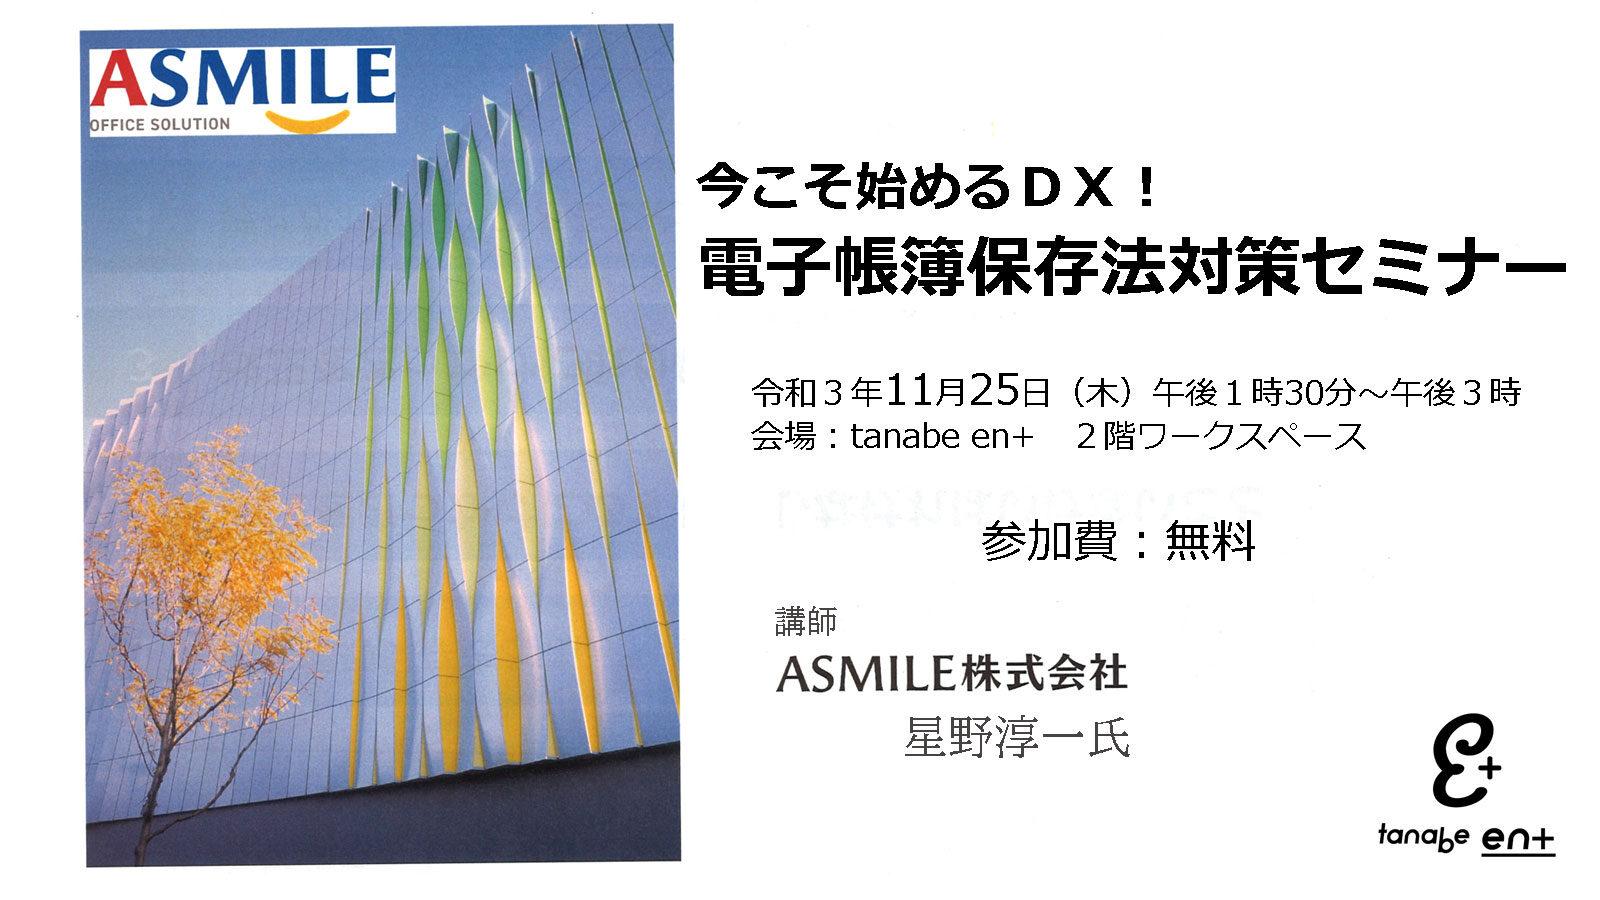 今こそ始めるDX!「電子帳簿保存法」対策セミナー